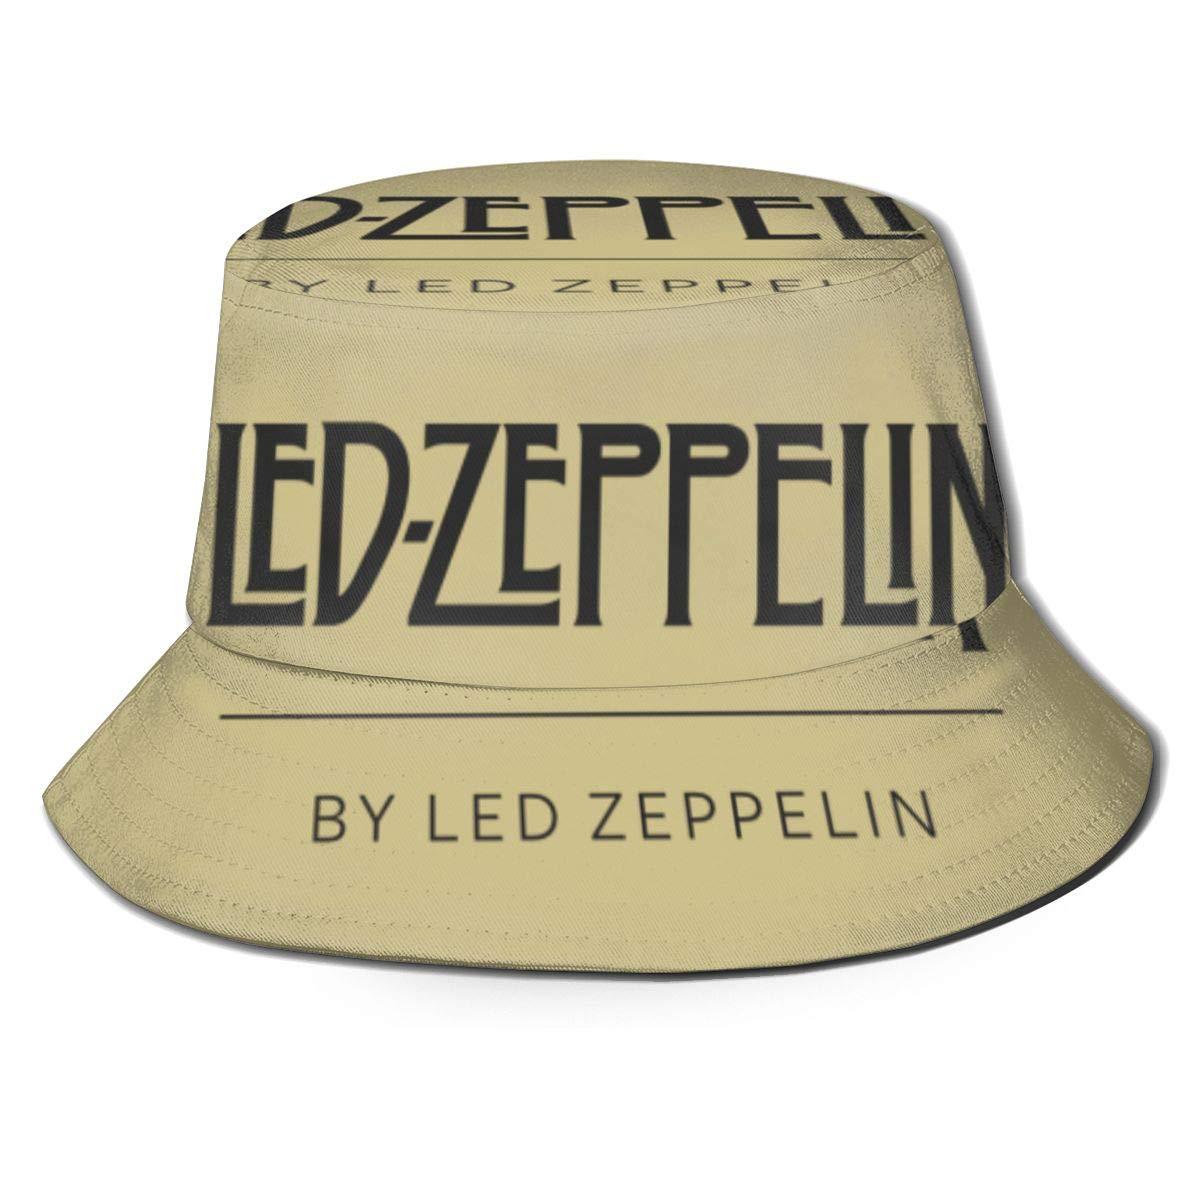 Vintage KXKXCVFF Bucket Hat Led Zeppelin Unisex Bucket Hat S/ü/ßer Outdoor-Sonnenhut Fishman-H/üte Packbar M/ütze F/ür M/änner Frauen